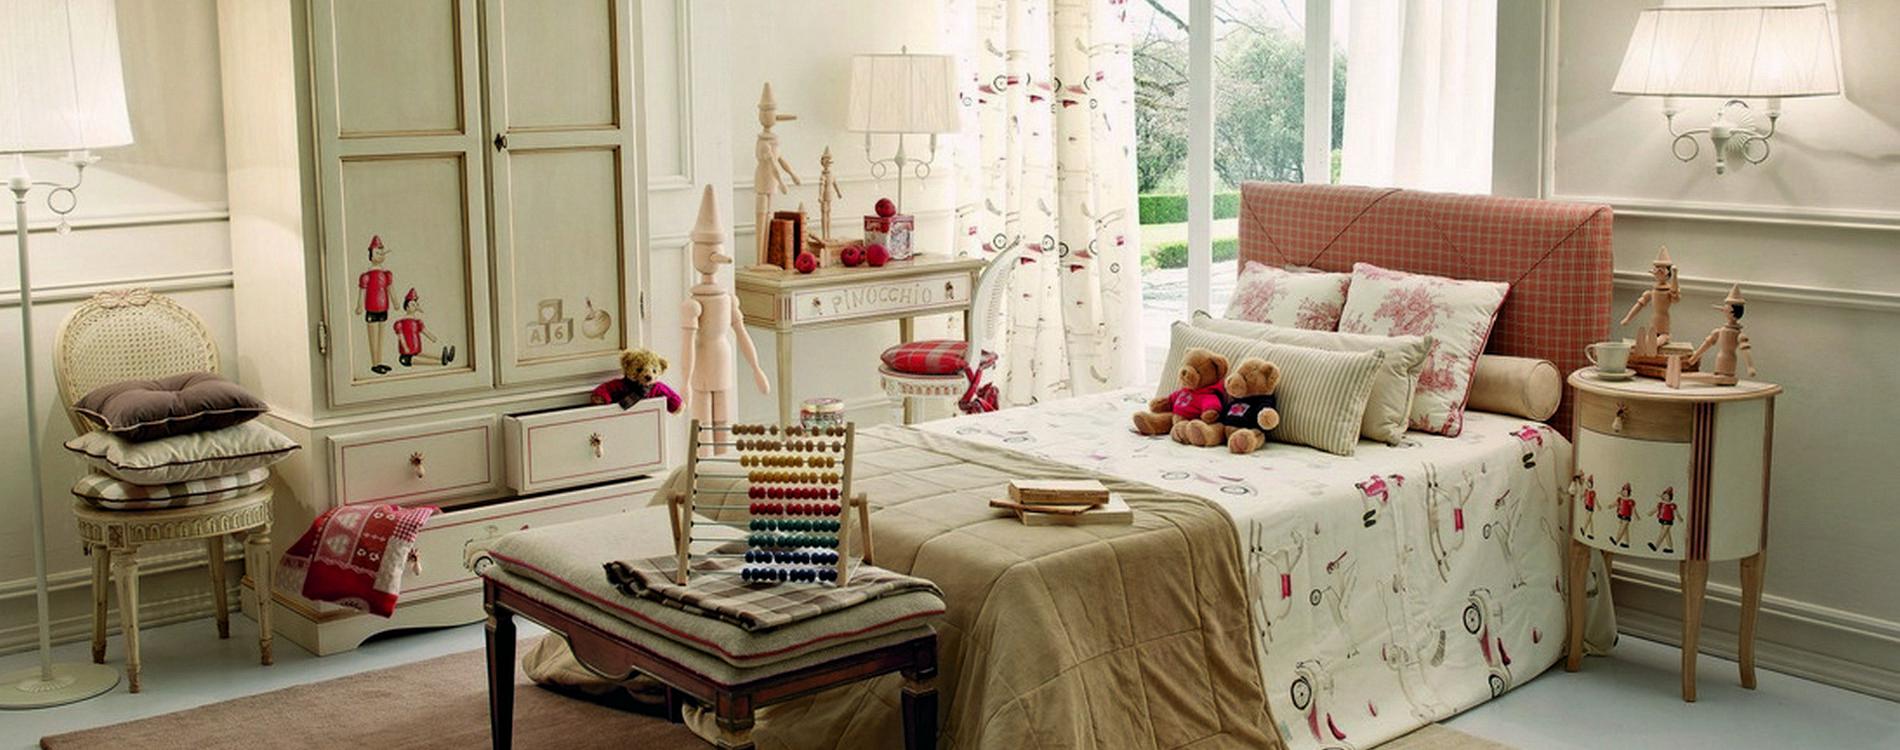 Mobilificio europa camere da letto camerette bambini lettini armadi - Cameretta stile provenzale ...